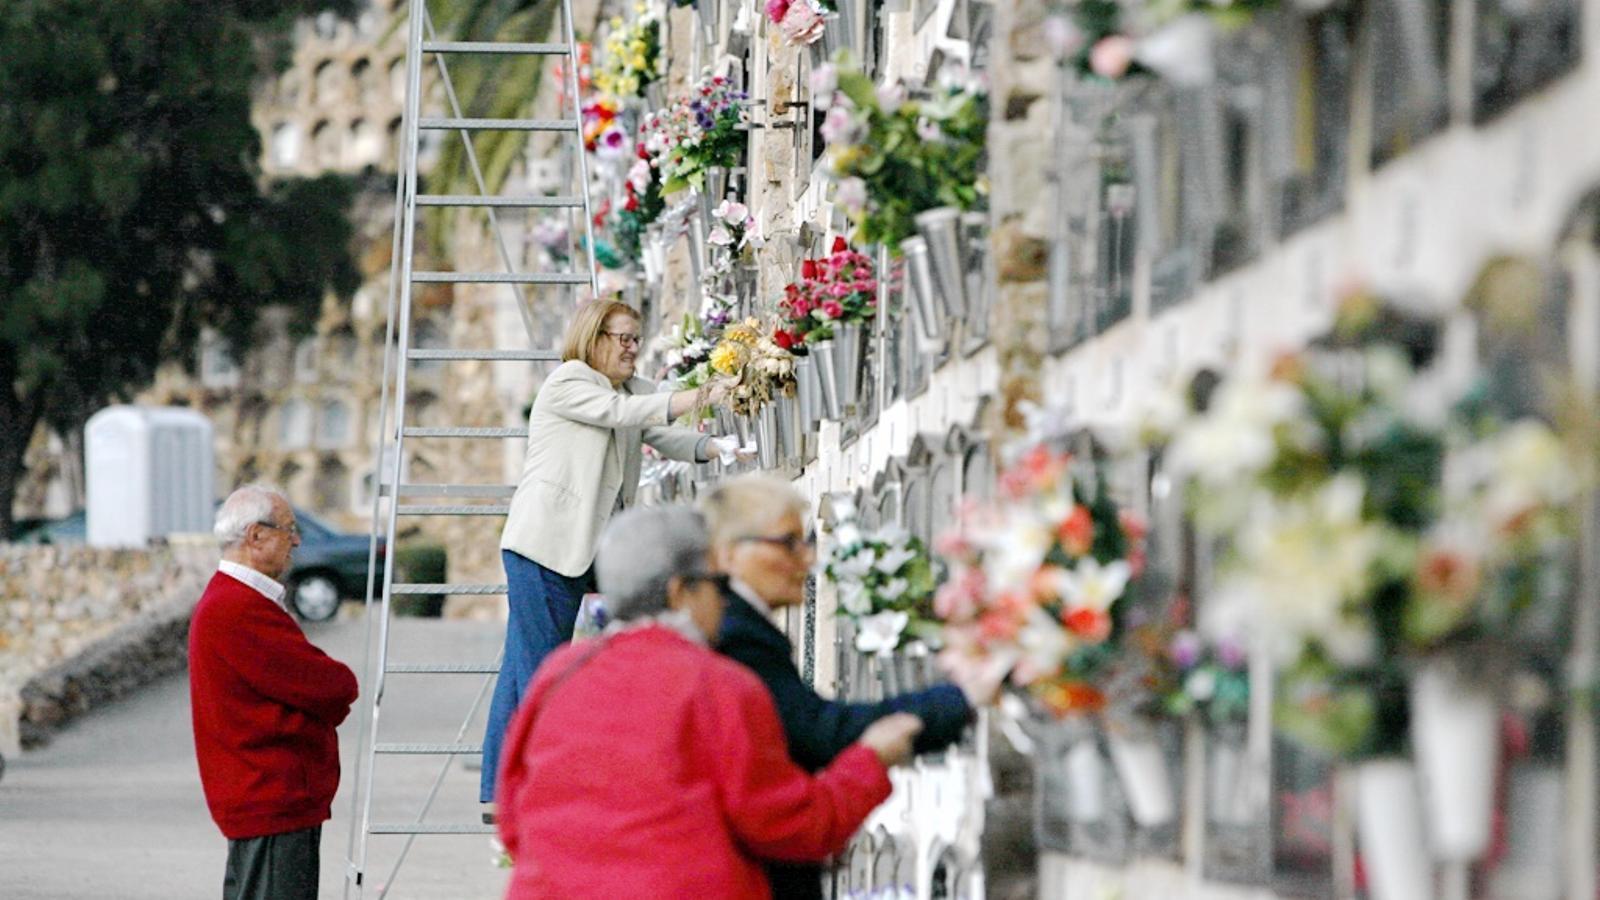 L'ambient aquest diumenge al matí al Cementiri de Montjuïc / CÈLIA ATSET